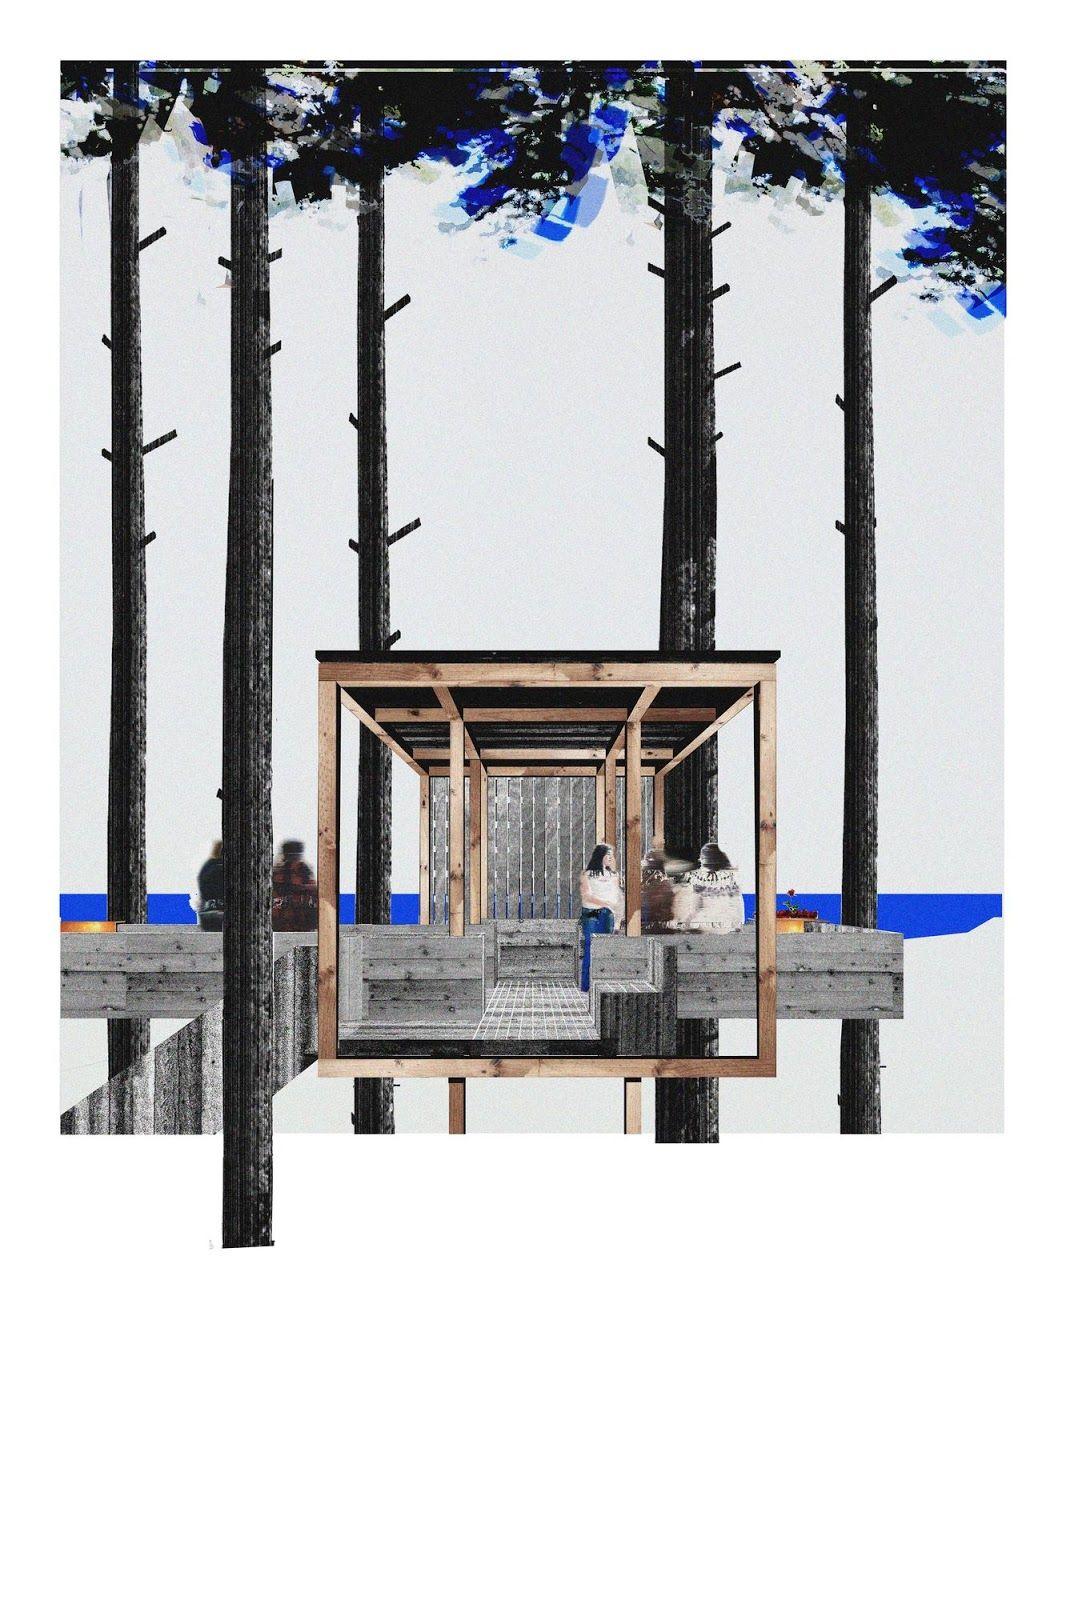 archzine  | blog sobre arquitectura y arte contemporáneo | seguimiento diario de la actualidad española y mundial. daily posts on contemporary art and architecture | spanish and worldwide news blog.